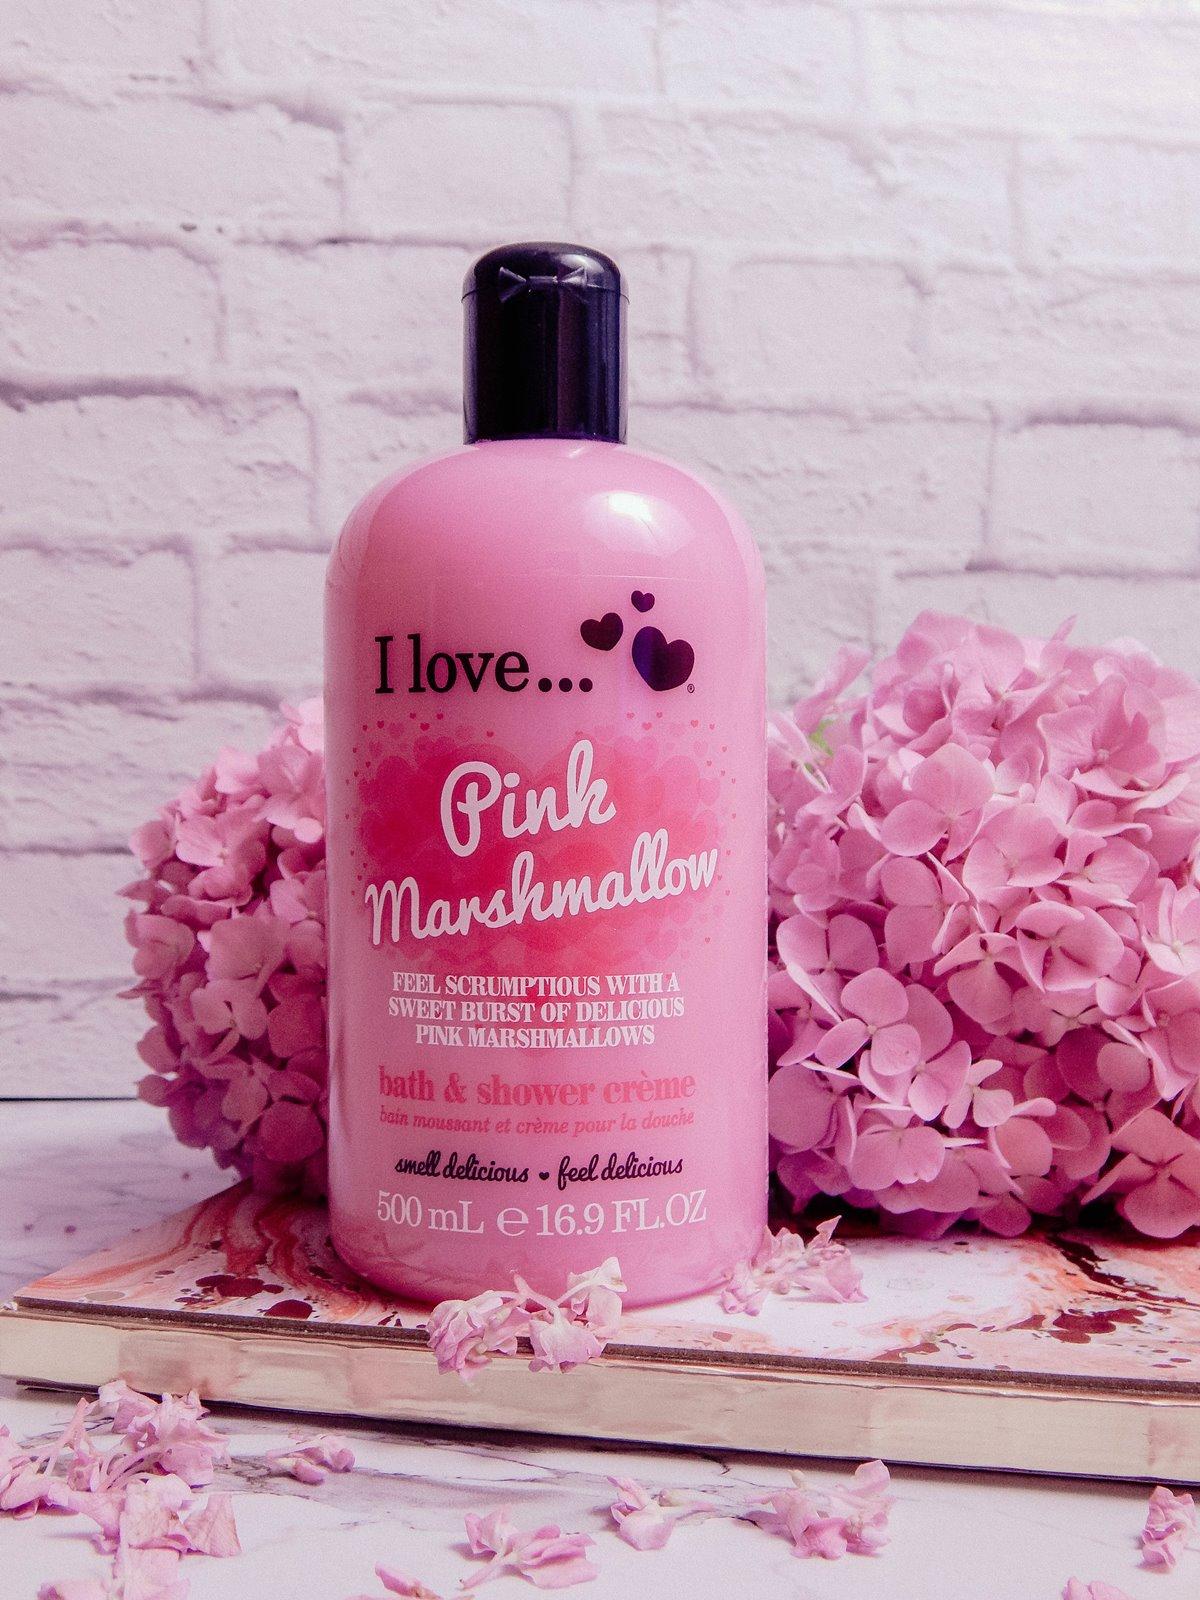 2 recenzja nowości kosmetyczne trico botanica szampon odzywka opinie recenzja pink marshmallow i love balmi recenzja nutka balsam do higieny intymnej okłady maska na oczy rozgrzewająca balsam strawberries and cream seba med